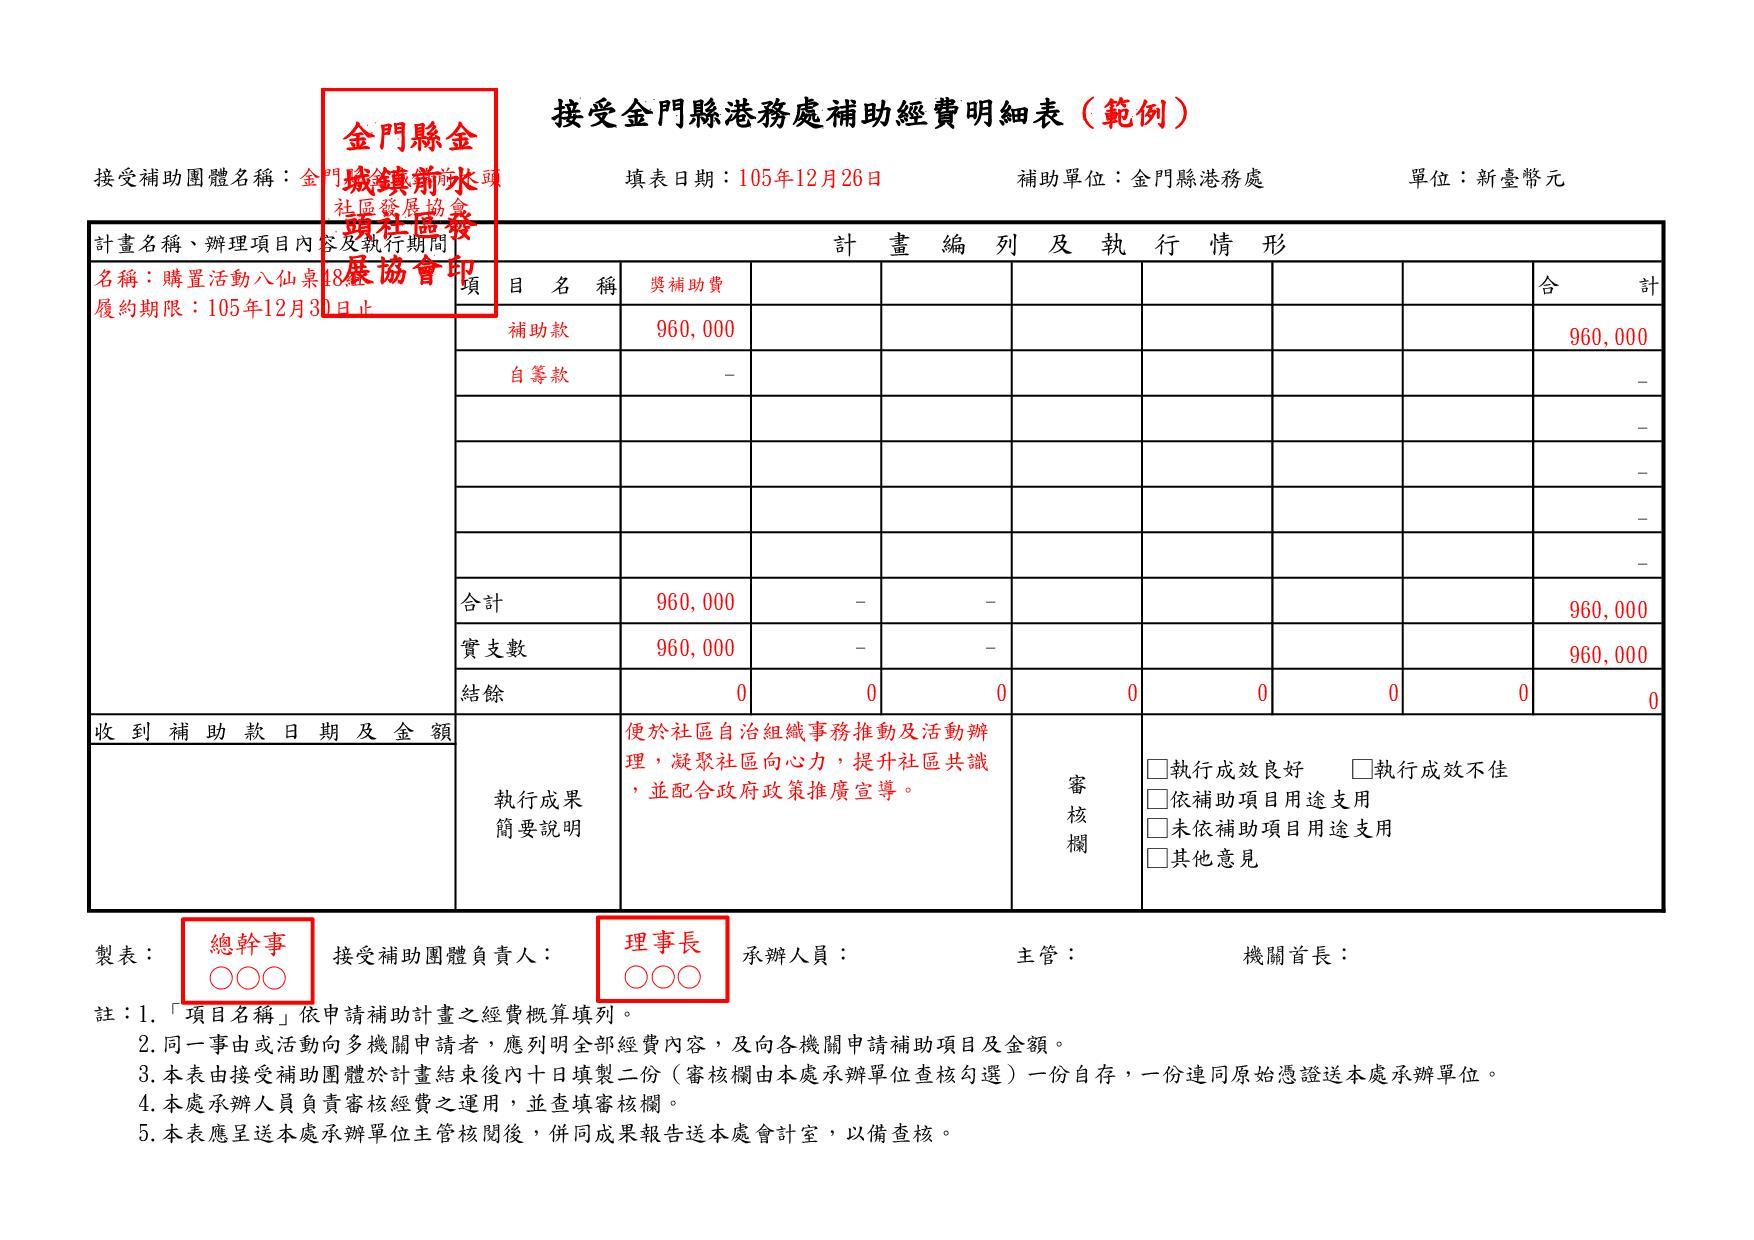 接受金門縣港務處補助經費明細表(範例)